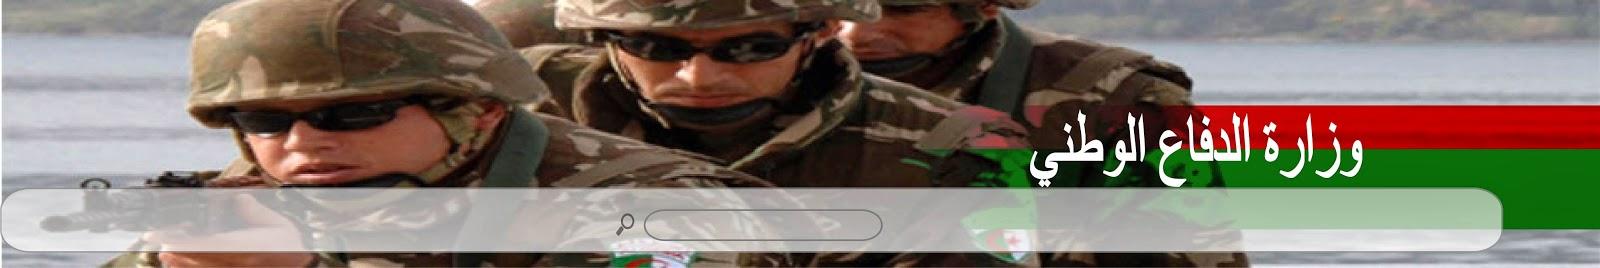 توظيف مستخدمين مدنيين شبيهين بوزارة الدفاع الوطني mdn 2015